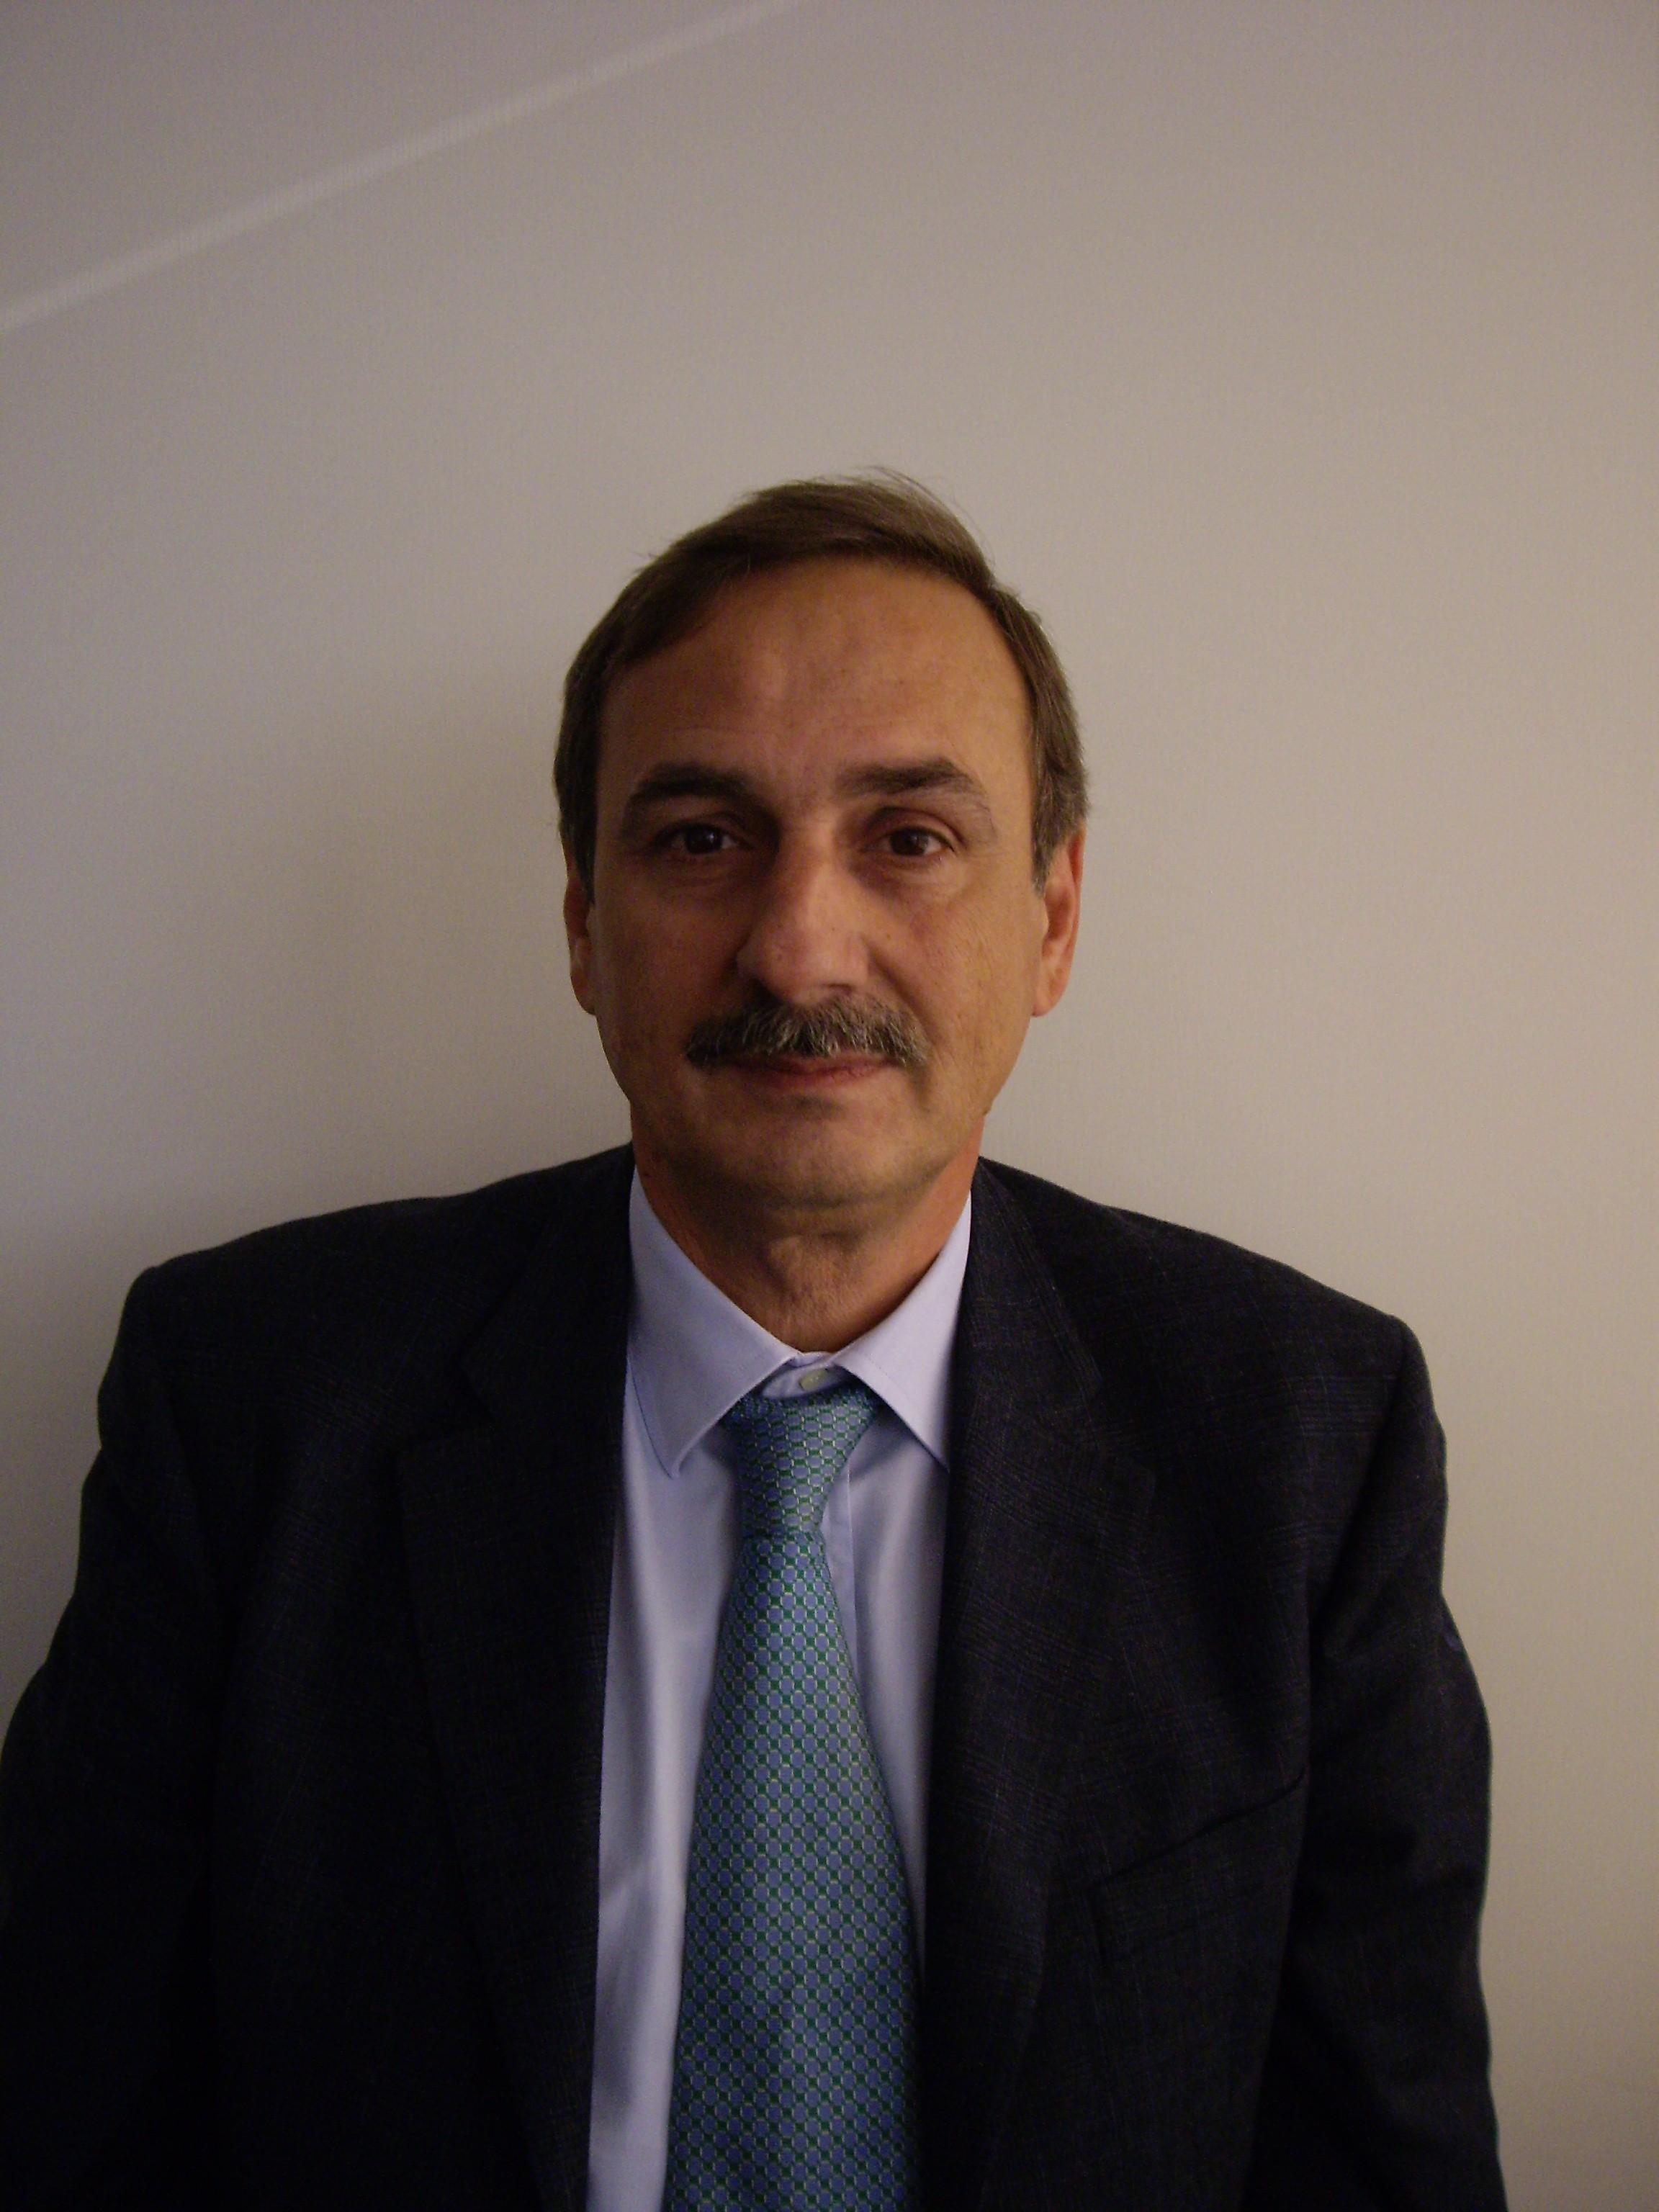 Antonello Gabriè